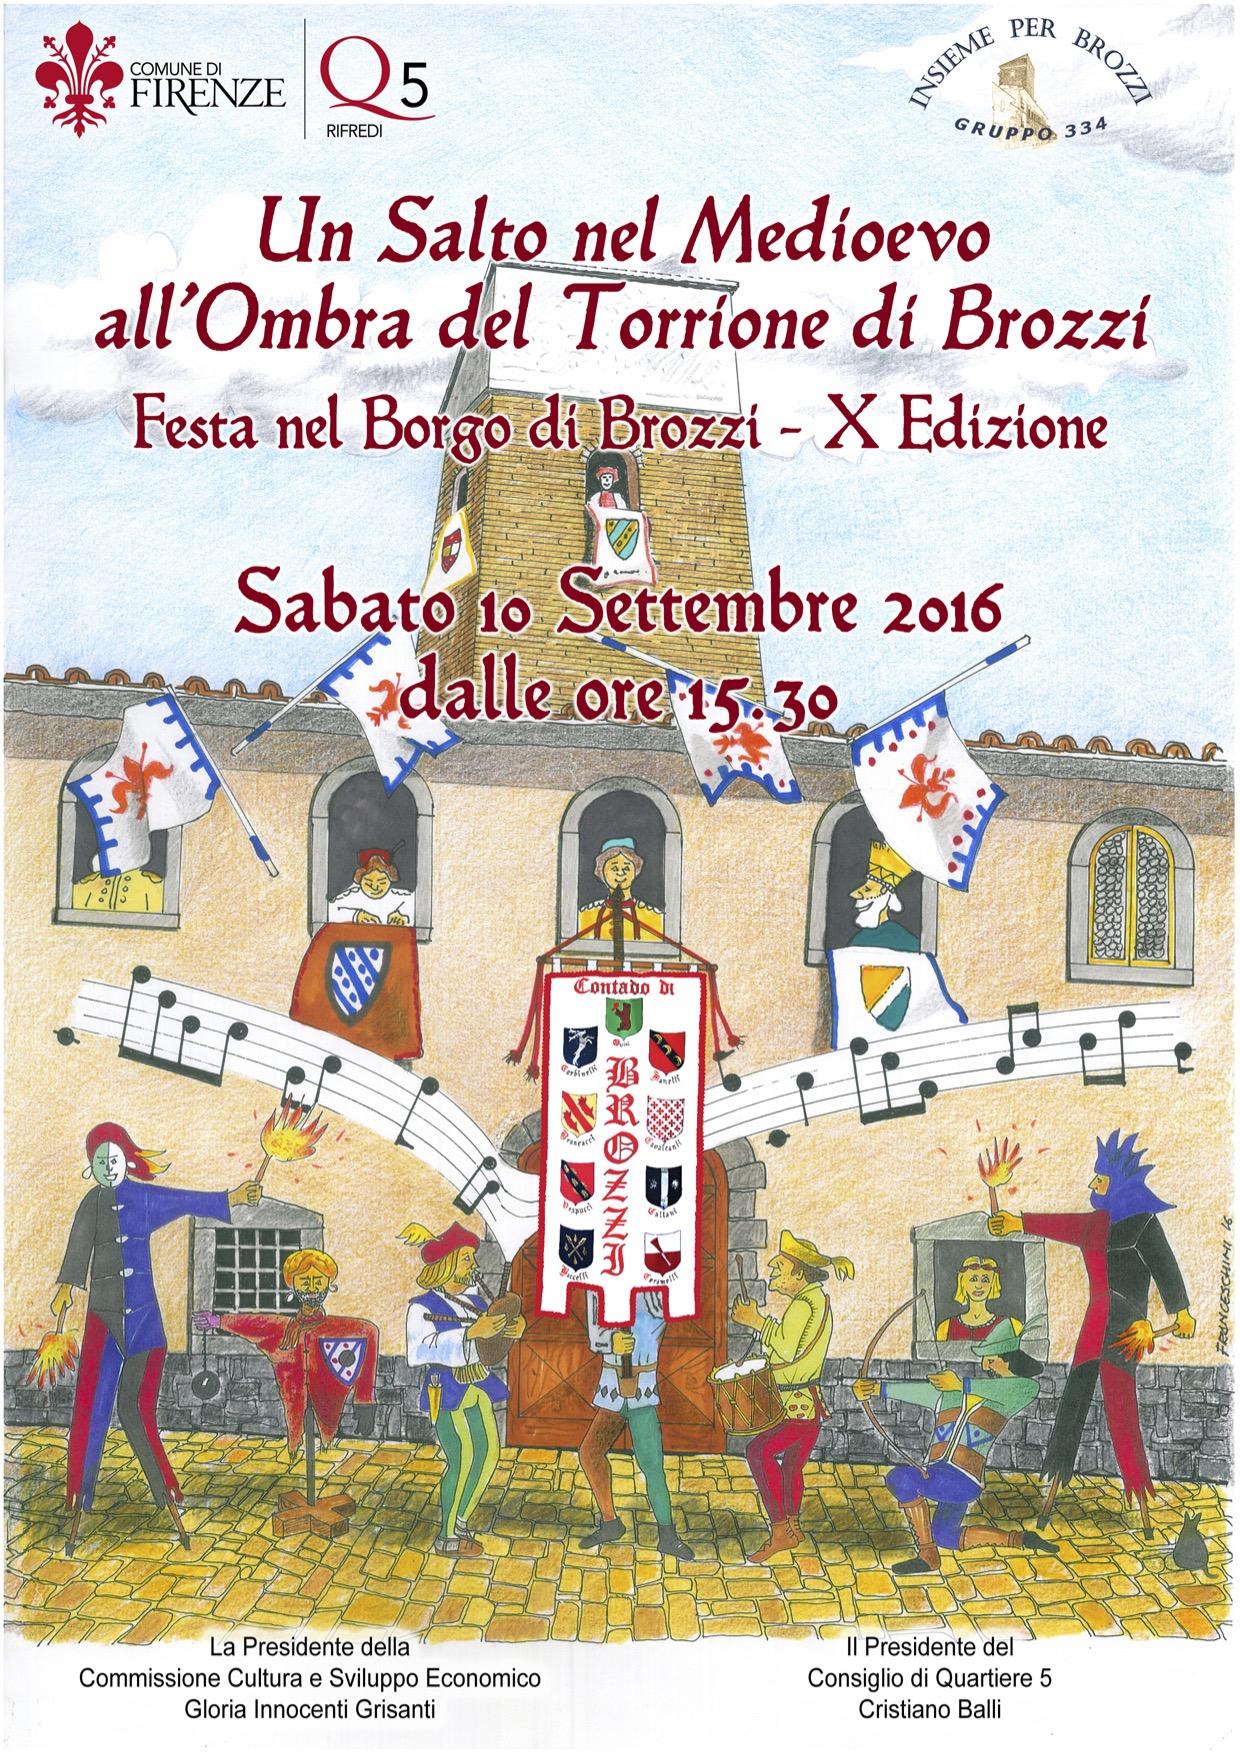 La festa medievale a misura di famiglia è nel Q. 5 di Firenze!!